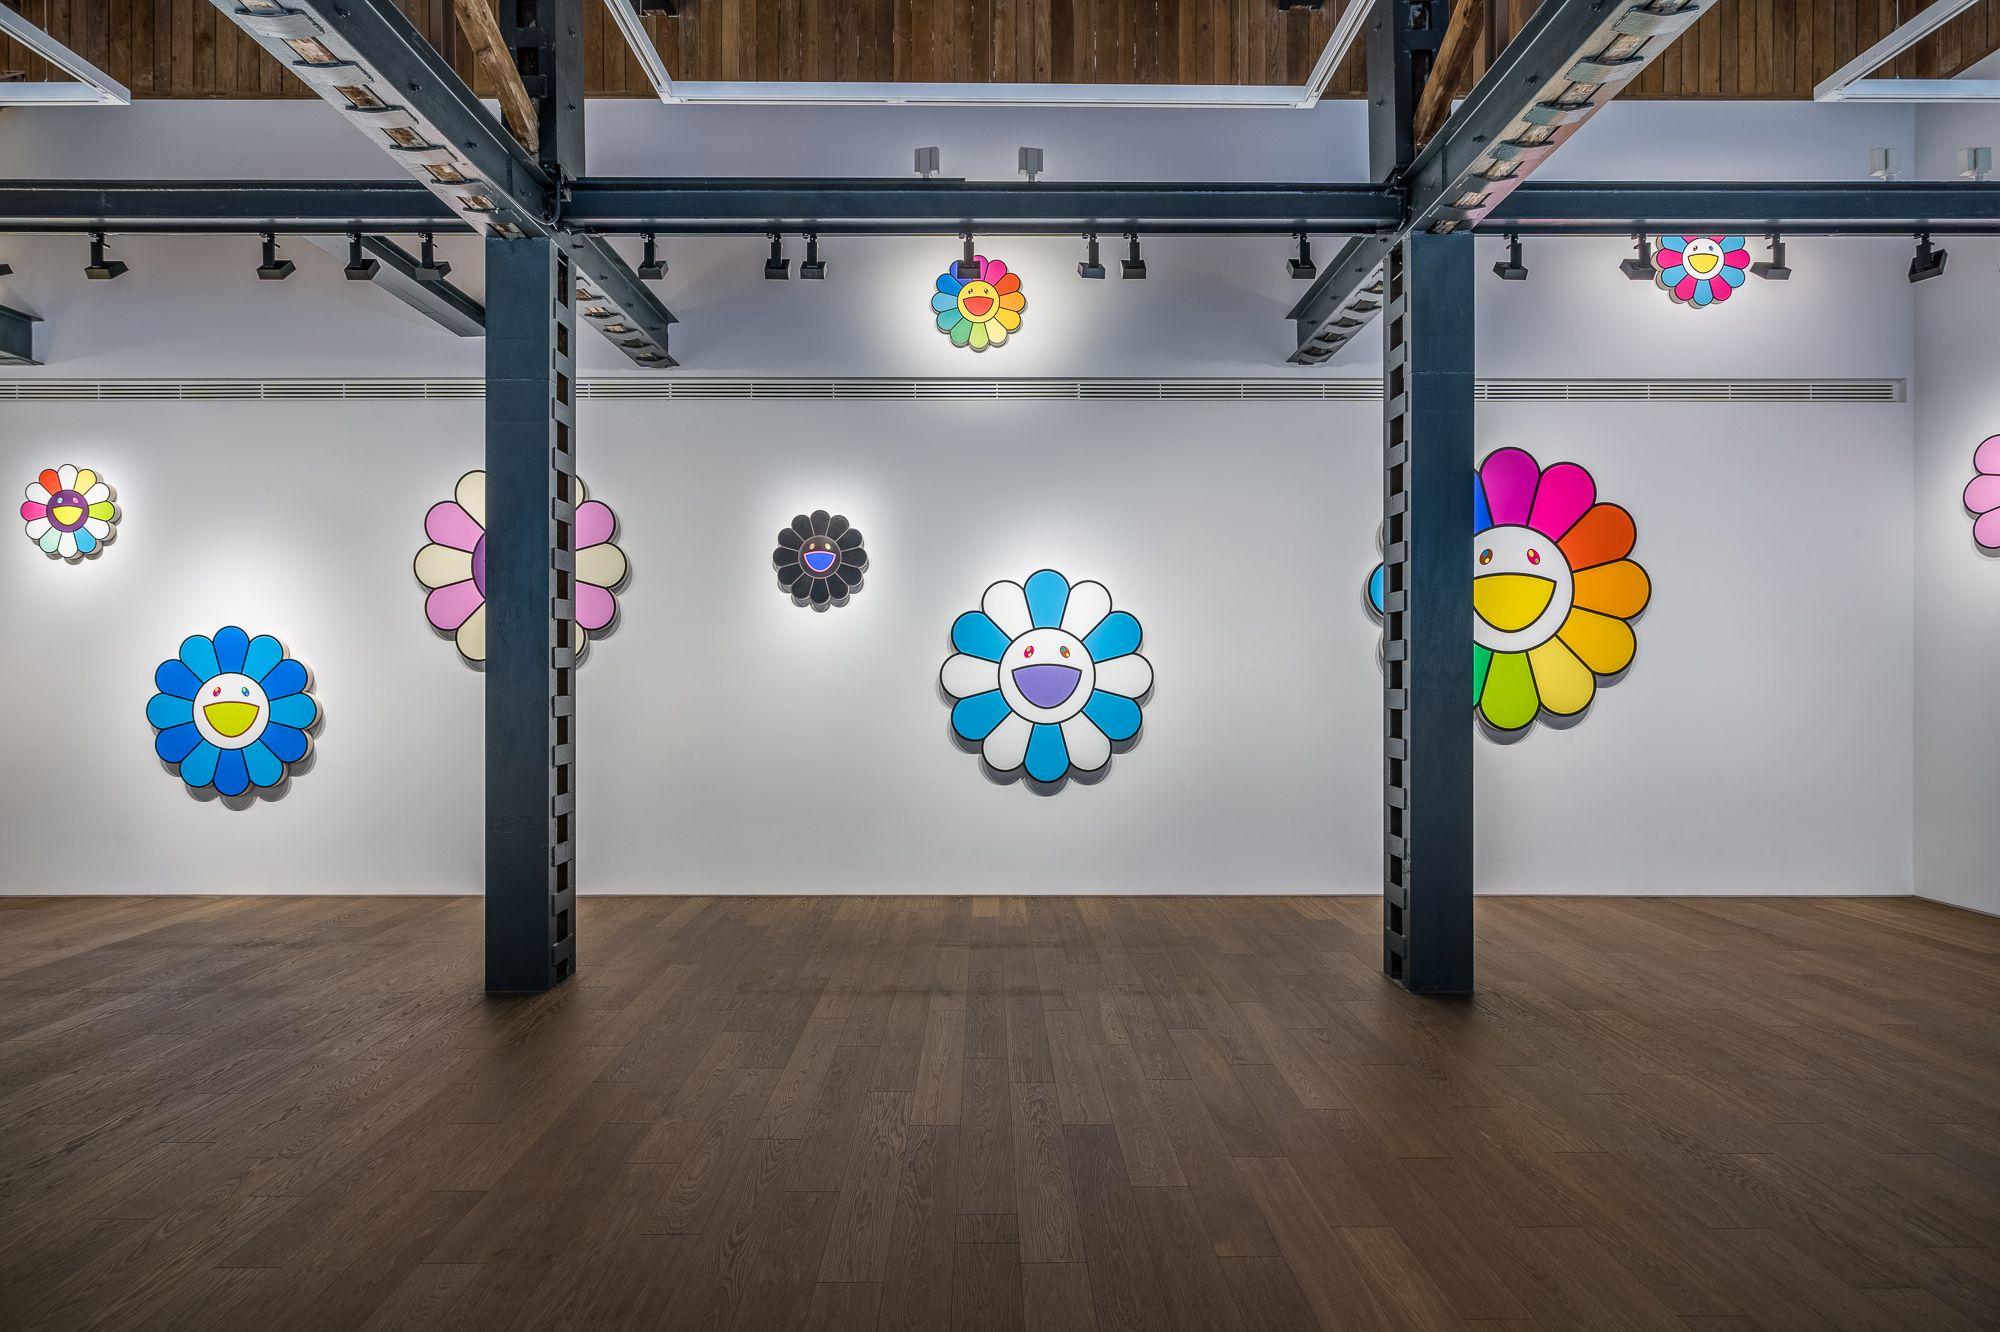 Artist:Takashi MURAKAMI, Exhibition:Takashi Murakami in Wonderland